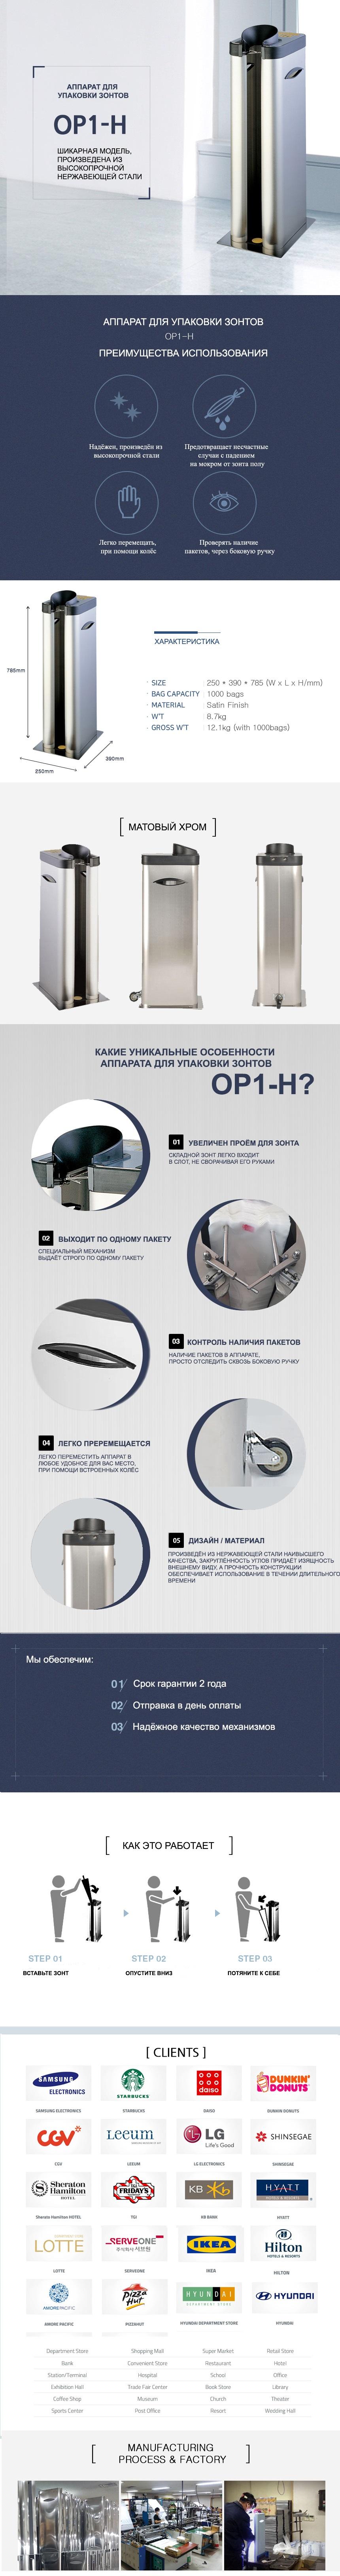 Упаковщик зонтов OP1-H